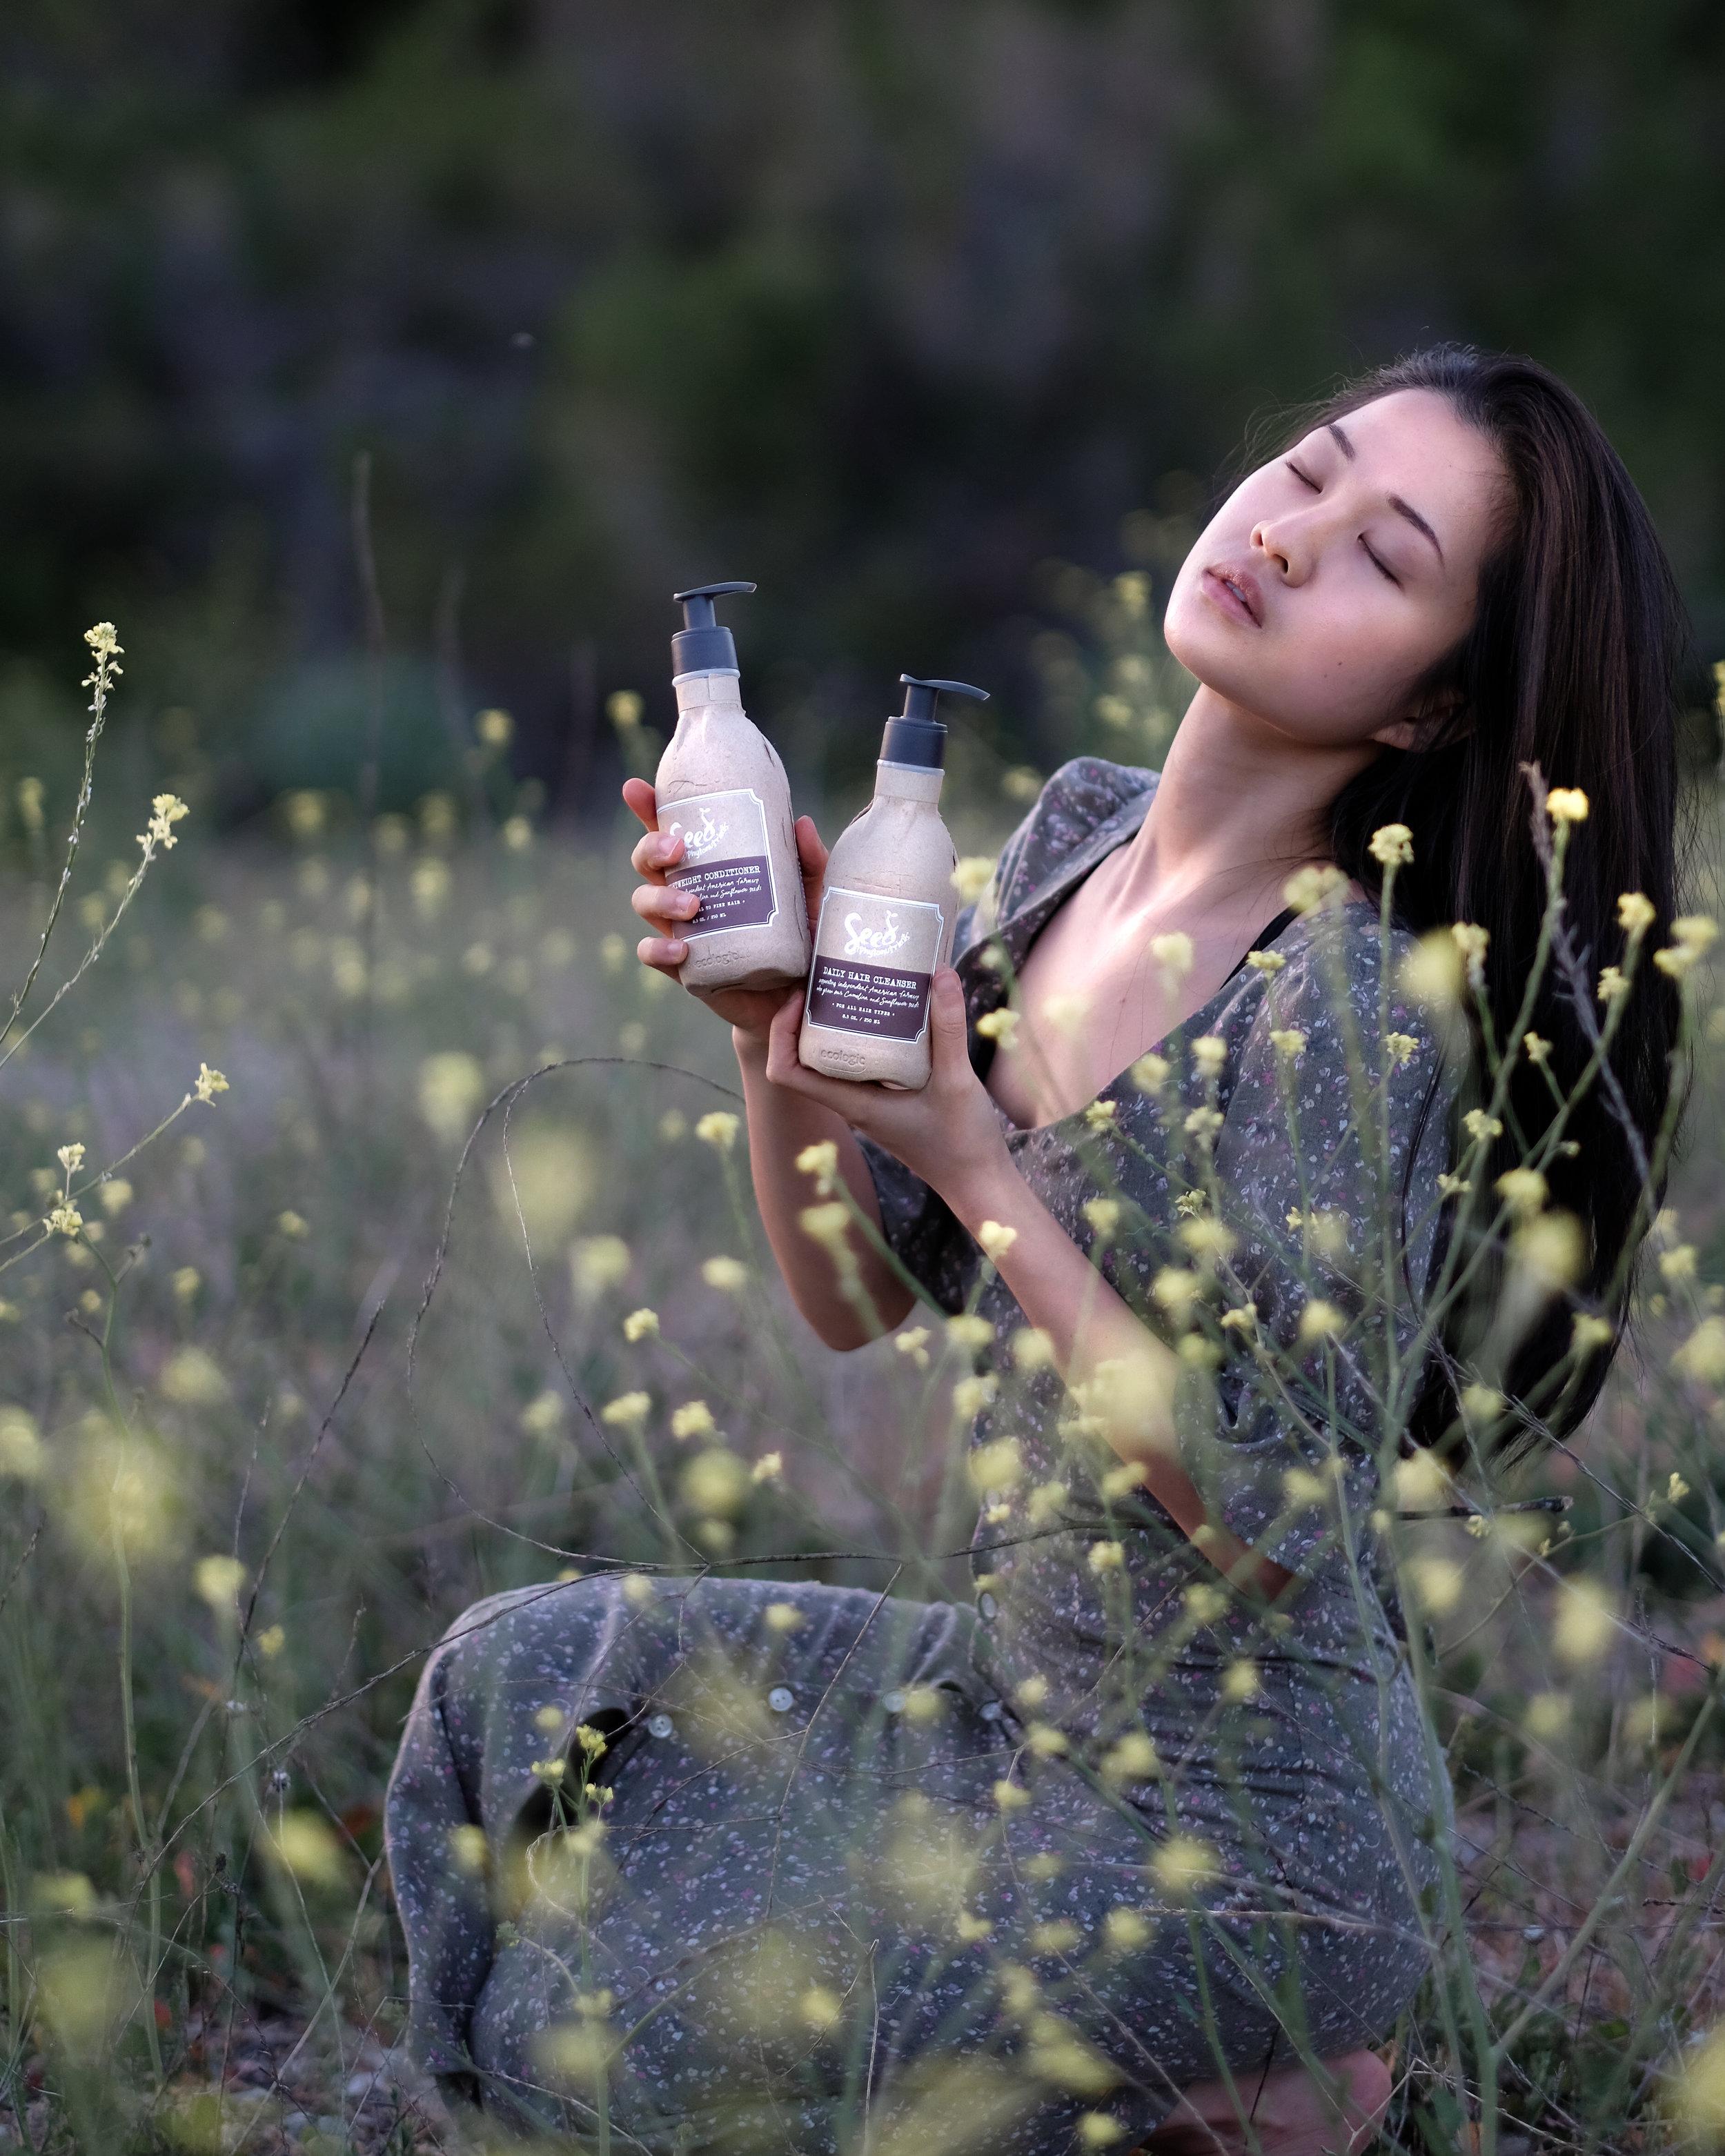 Seed Phytonutrients x Kaméa Chayne Eco Lifestyle Blogger @kameachayne